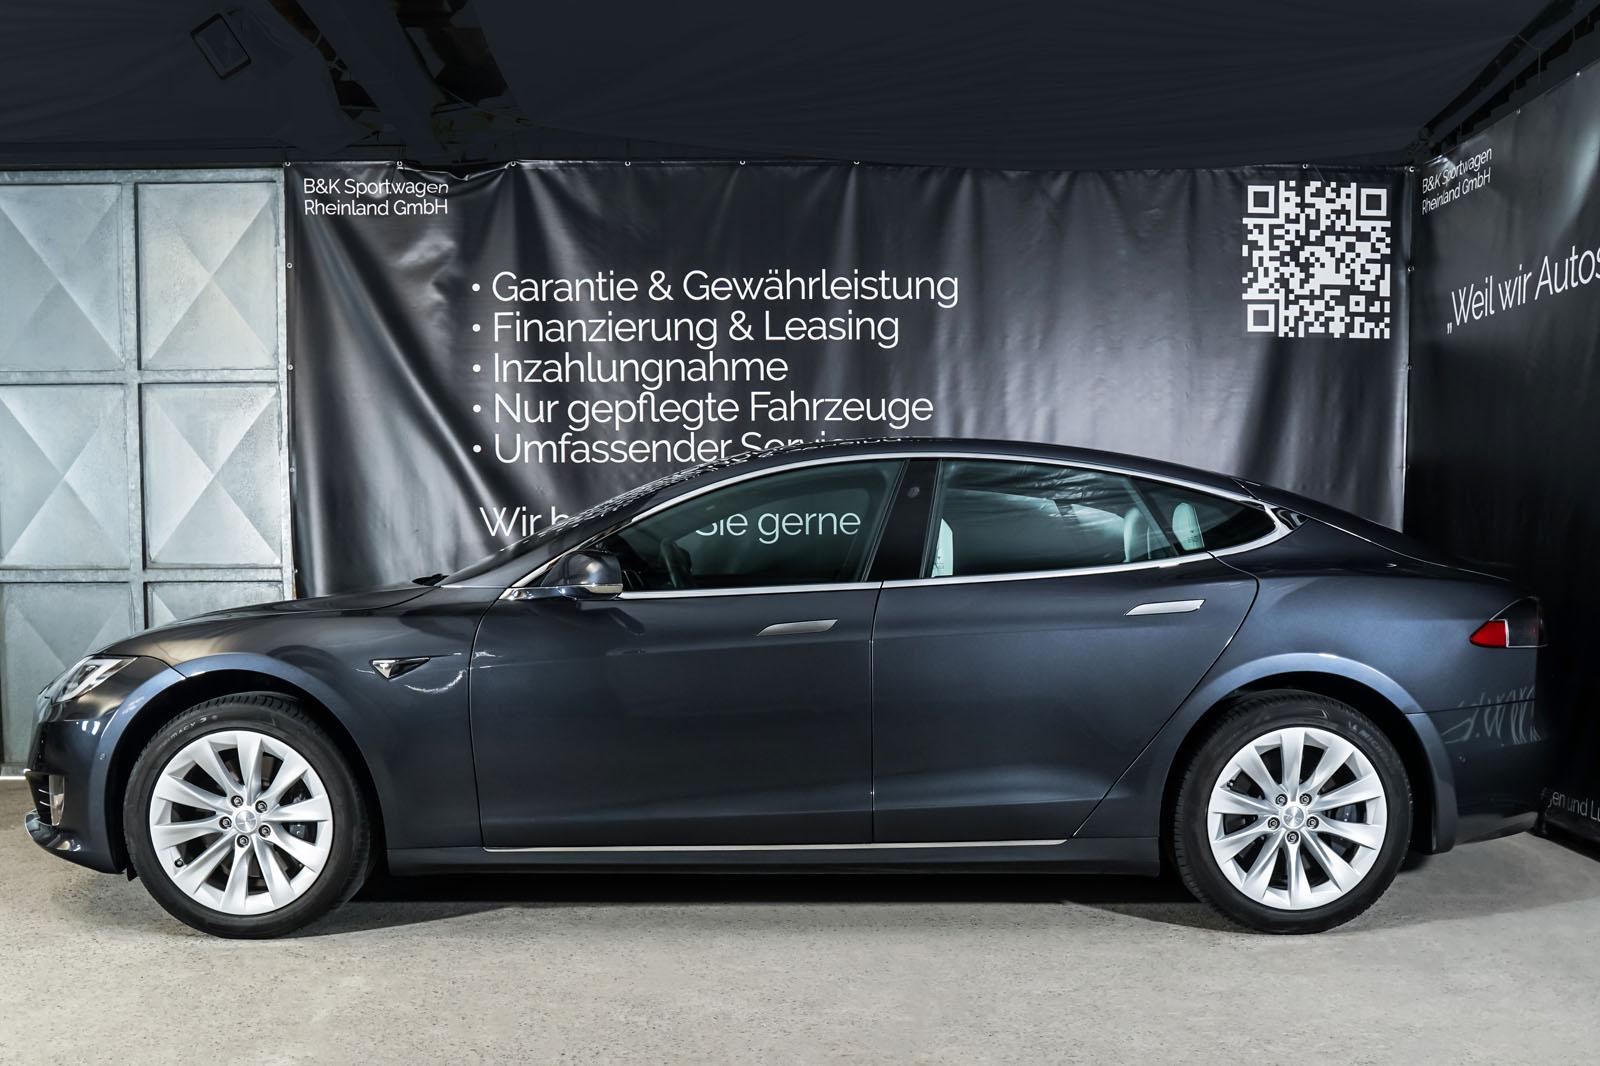 Tesla_Model_S_SilverShadow_Weiss_TES-2943_5_w